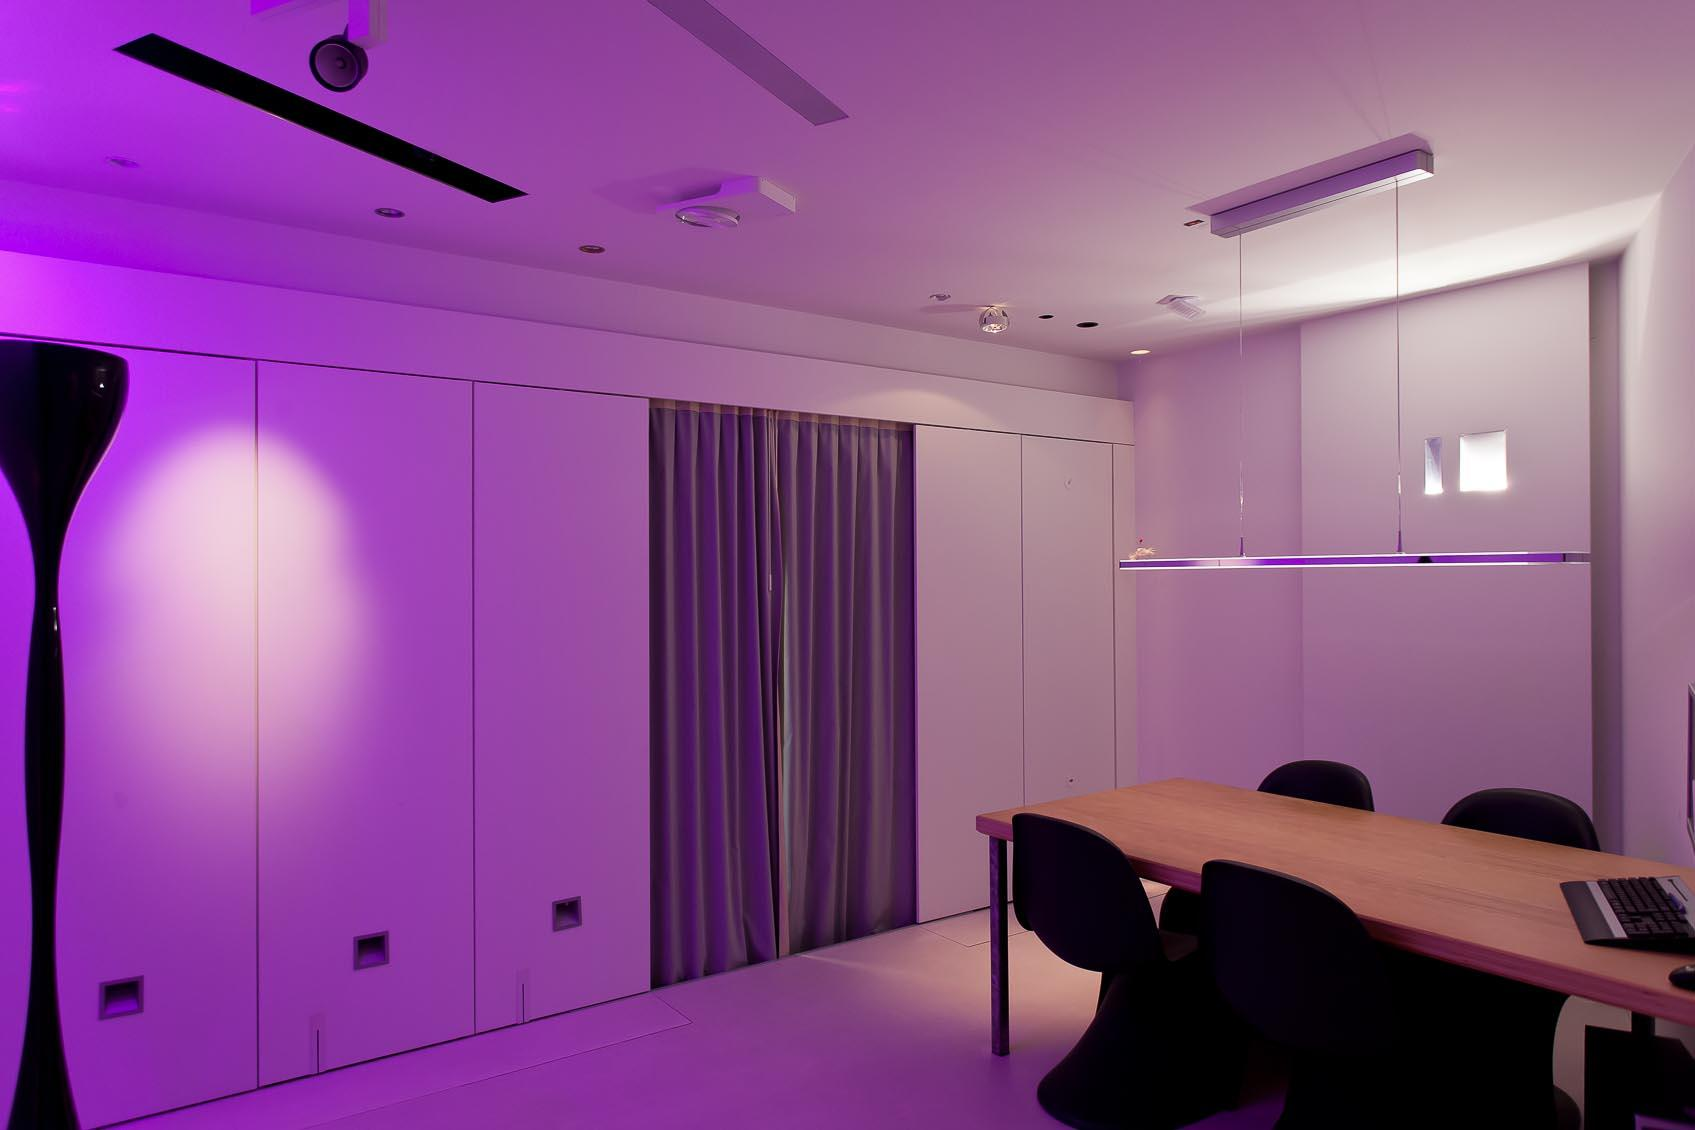 Beleef interieurverlichting in onze design lichtstudio12